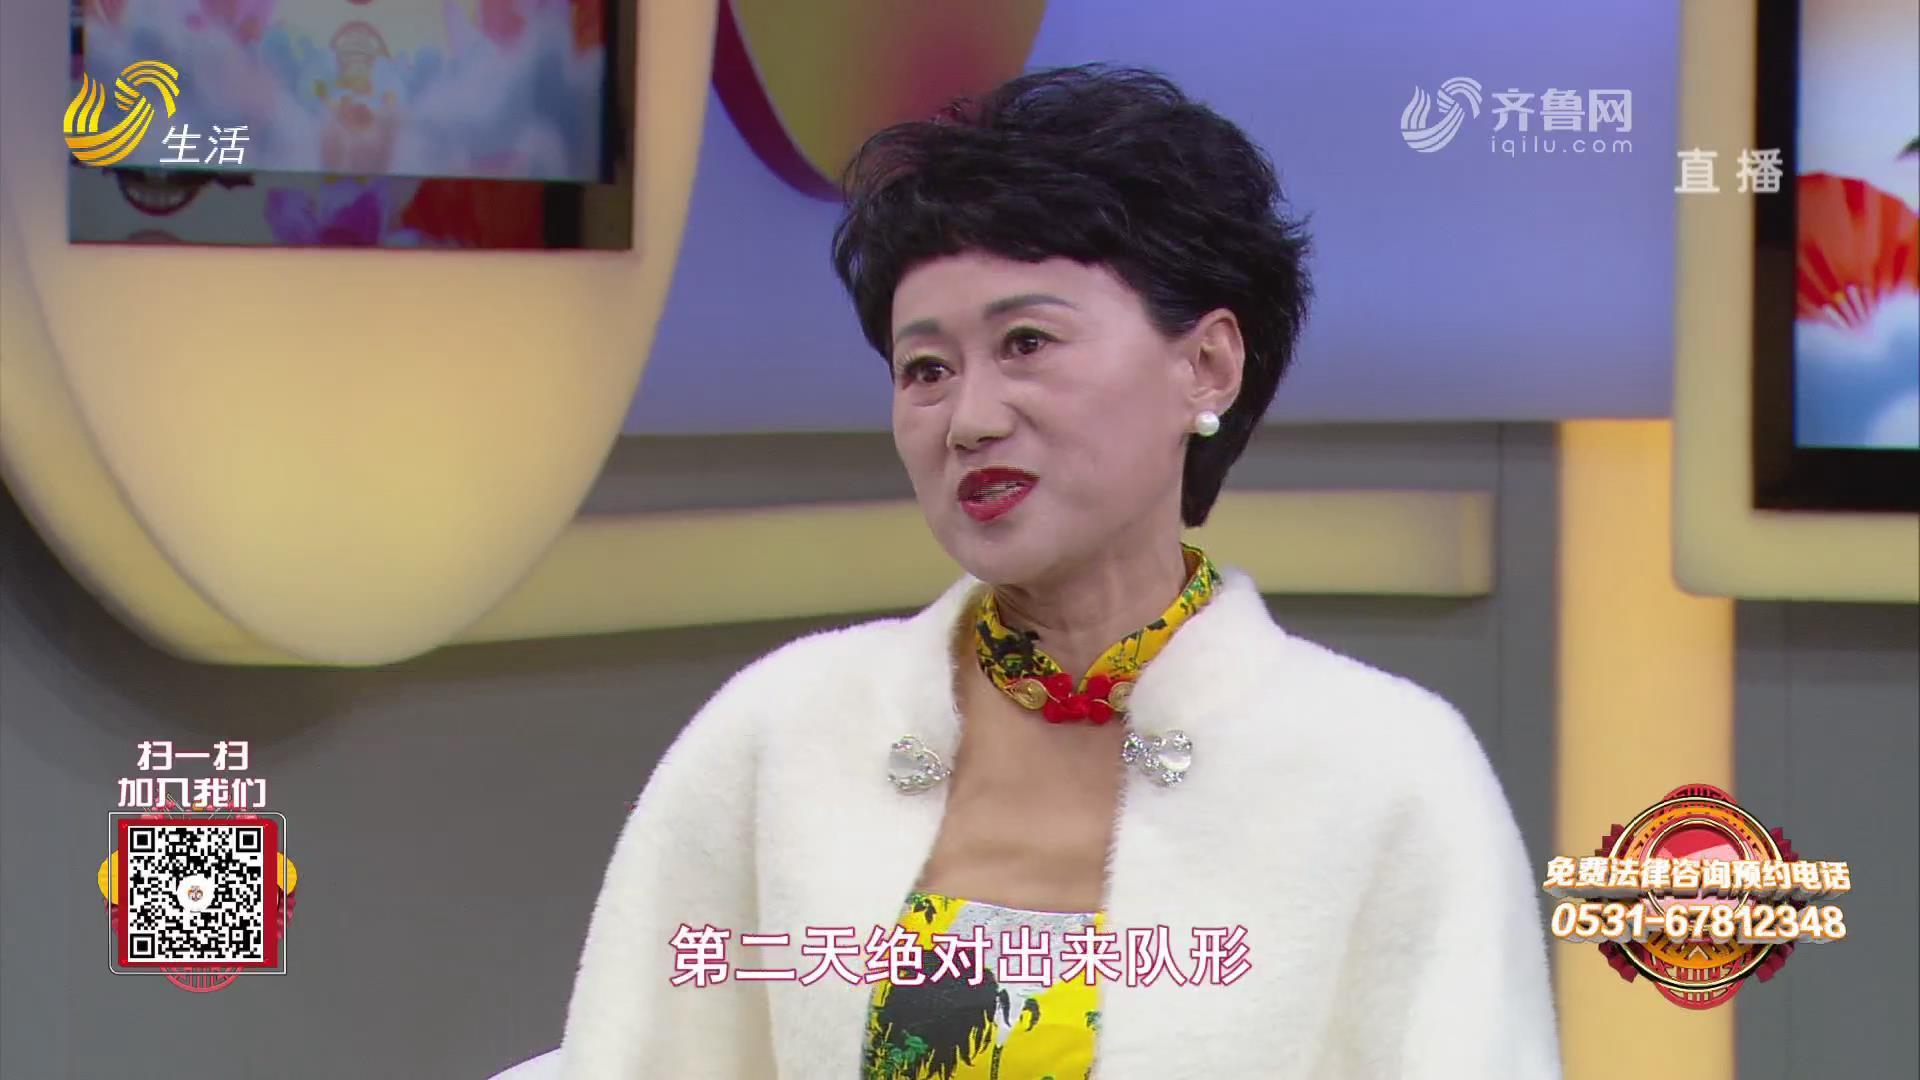 中國式養老-依詩美旗袍會:至美優雅 品秀人生